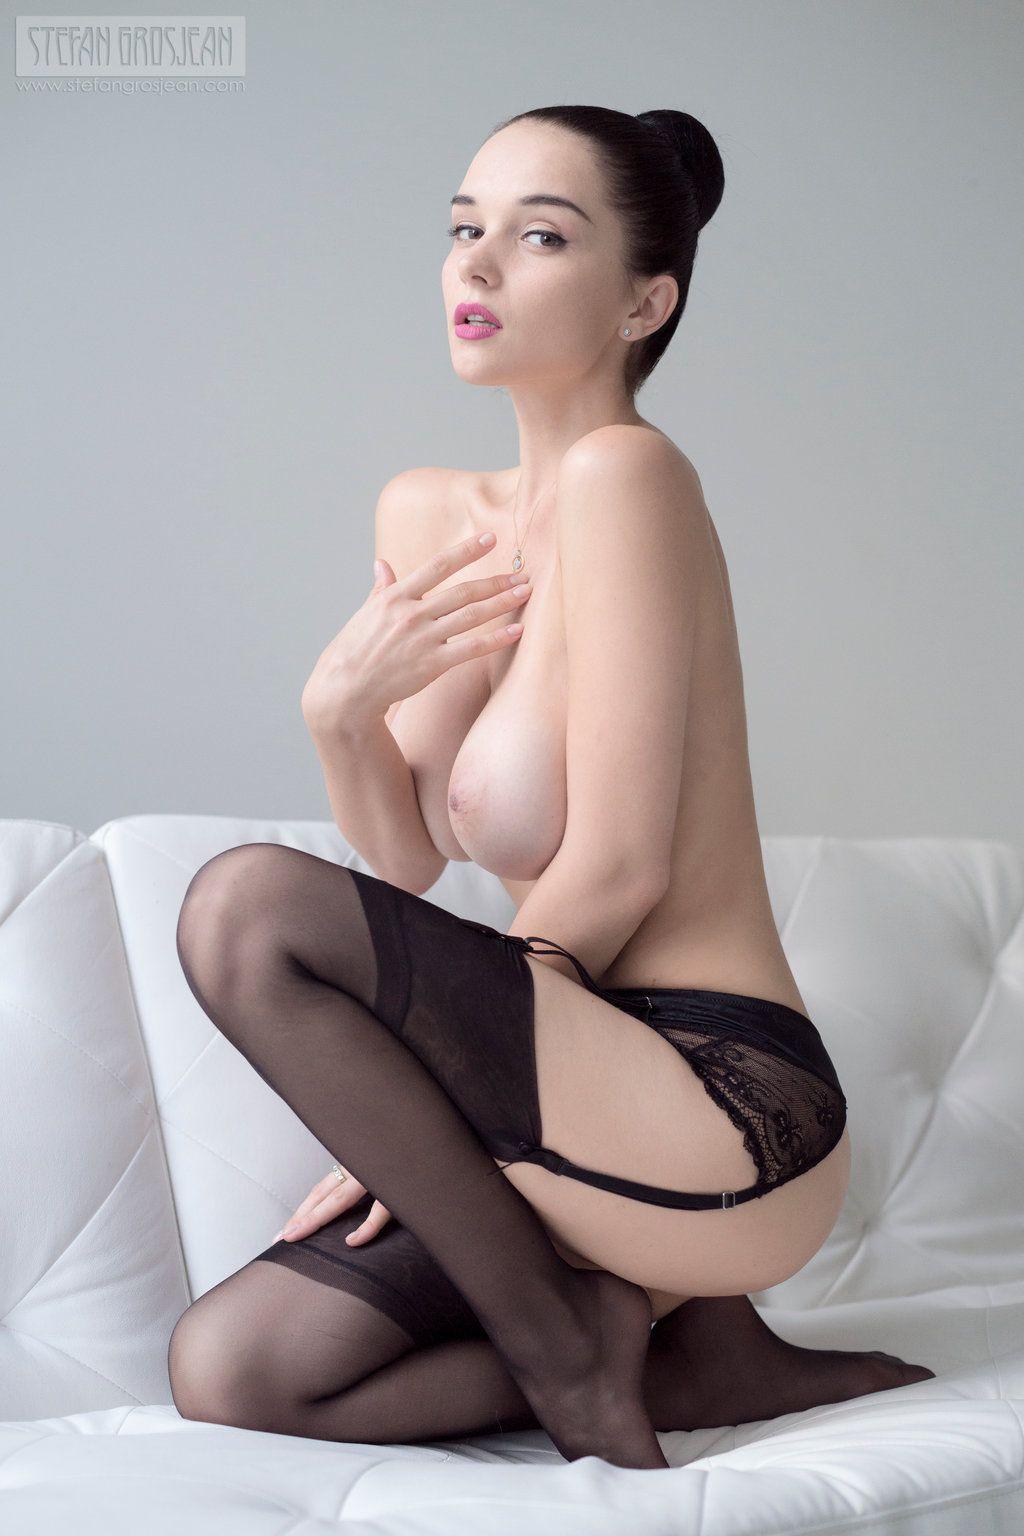 Eugenia stefan grosjean nude